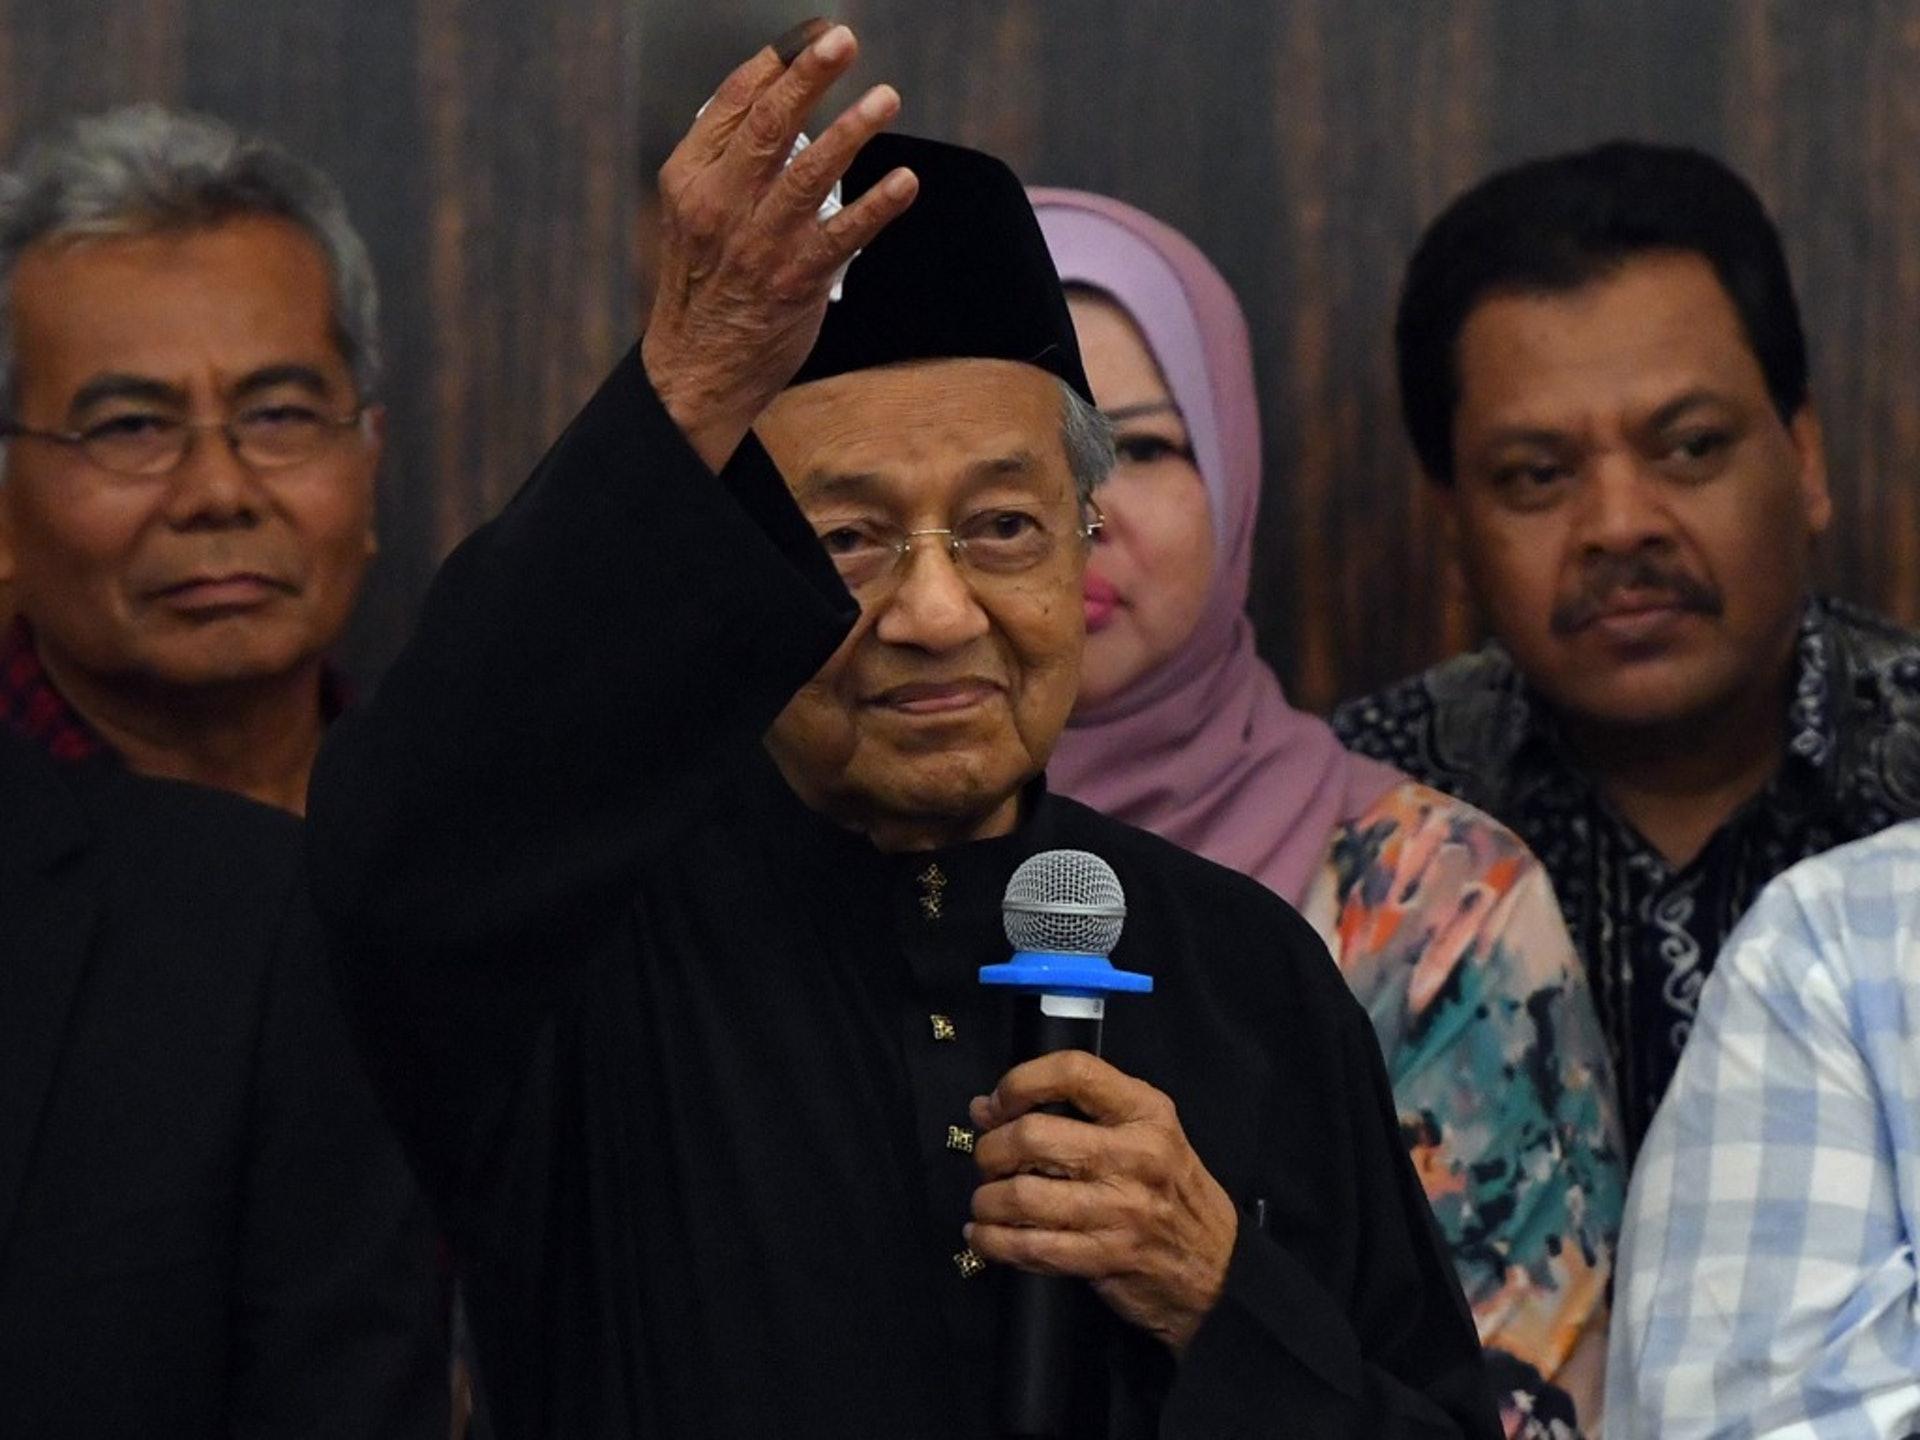 對很多馬來西亞人來說,他們的確是懷着改變社會的心思參加了2018年5月9日的投票,但遺憾的是,馬哈蒂爾最終還是與希望聯盟分道揚鑣了。(新華社)